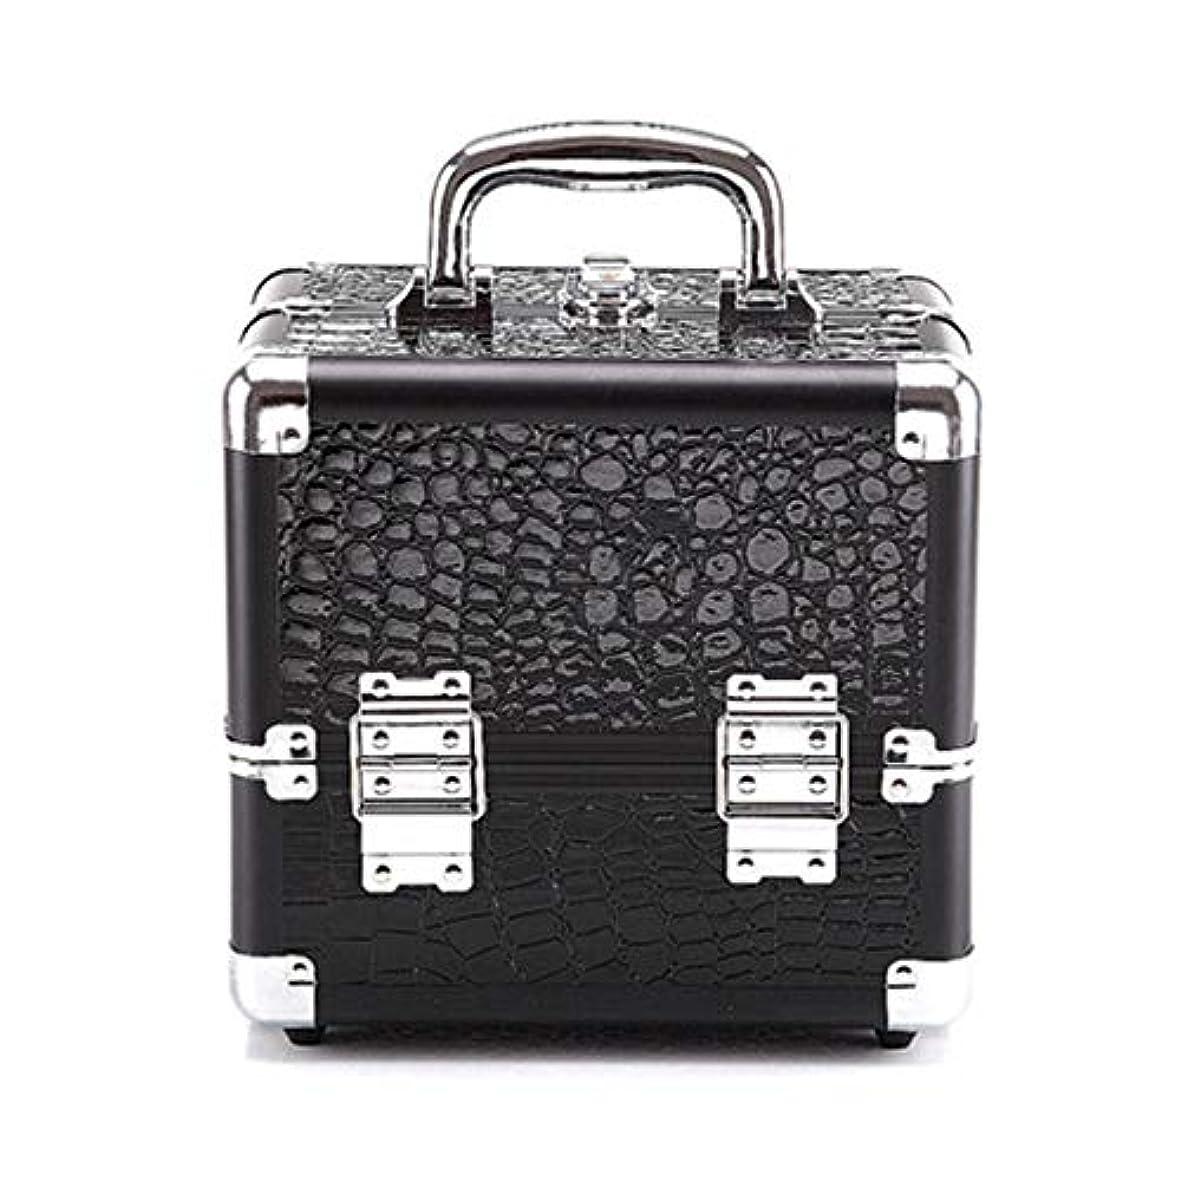 感じ接続された勝つ特大スペース収納ビューティーボックス 多機能ポータブル旅行化粧ケース化粧品袋トイレタリーバッグ用十代の女の子女性アーティスト 化粧品化粧台 (色 : Black(S))